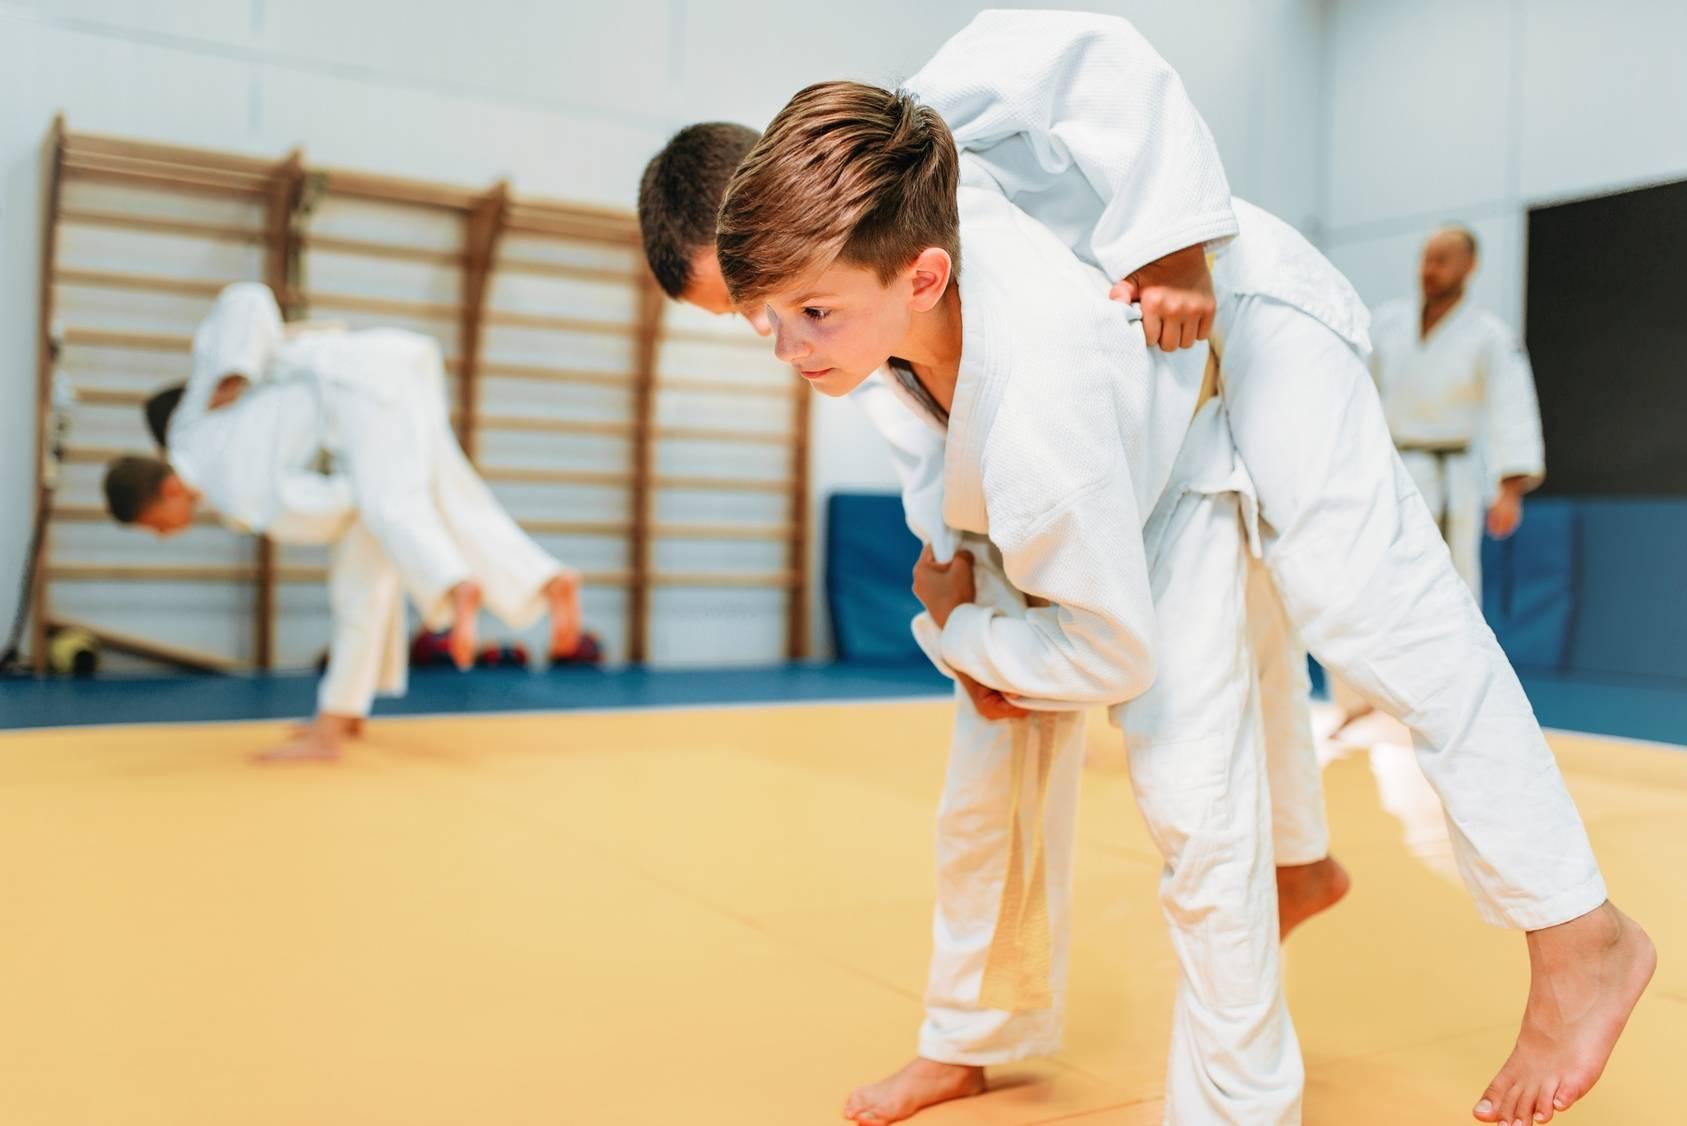 Chłopcy trenują karate - jak stworzyć dietę dla aktywnego, trenującego dziecka?